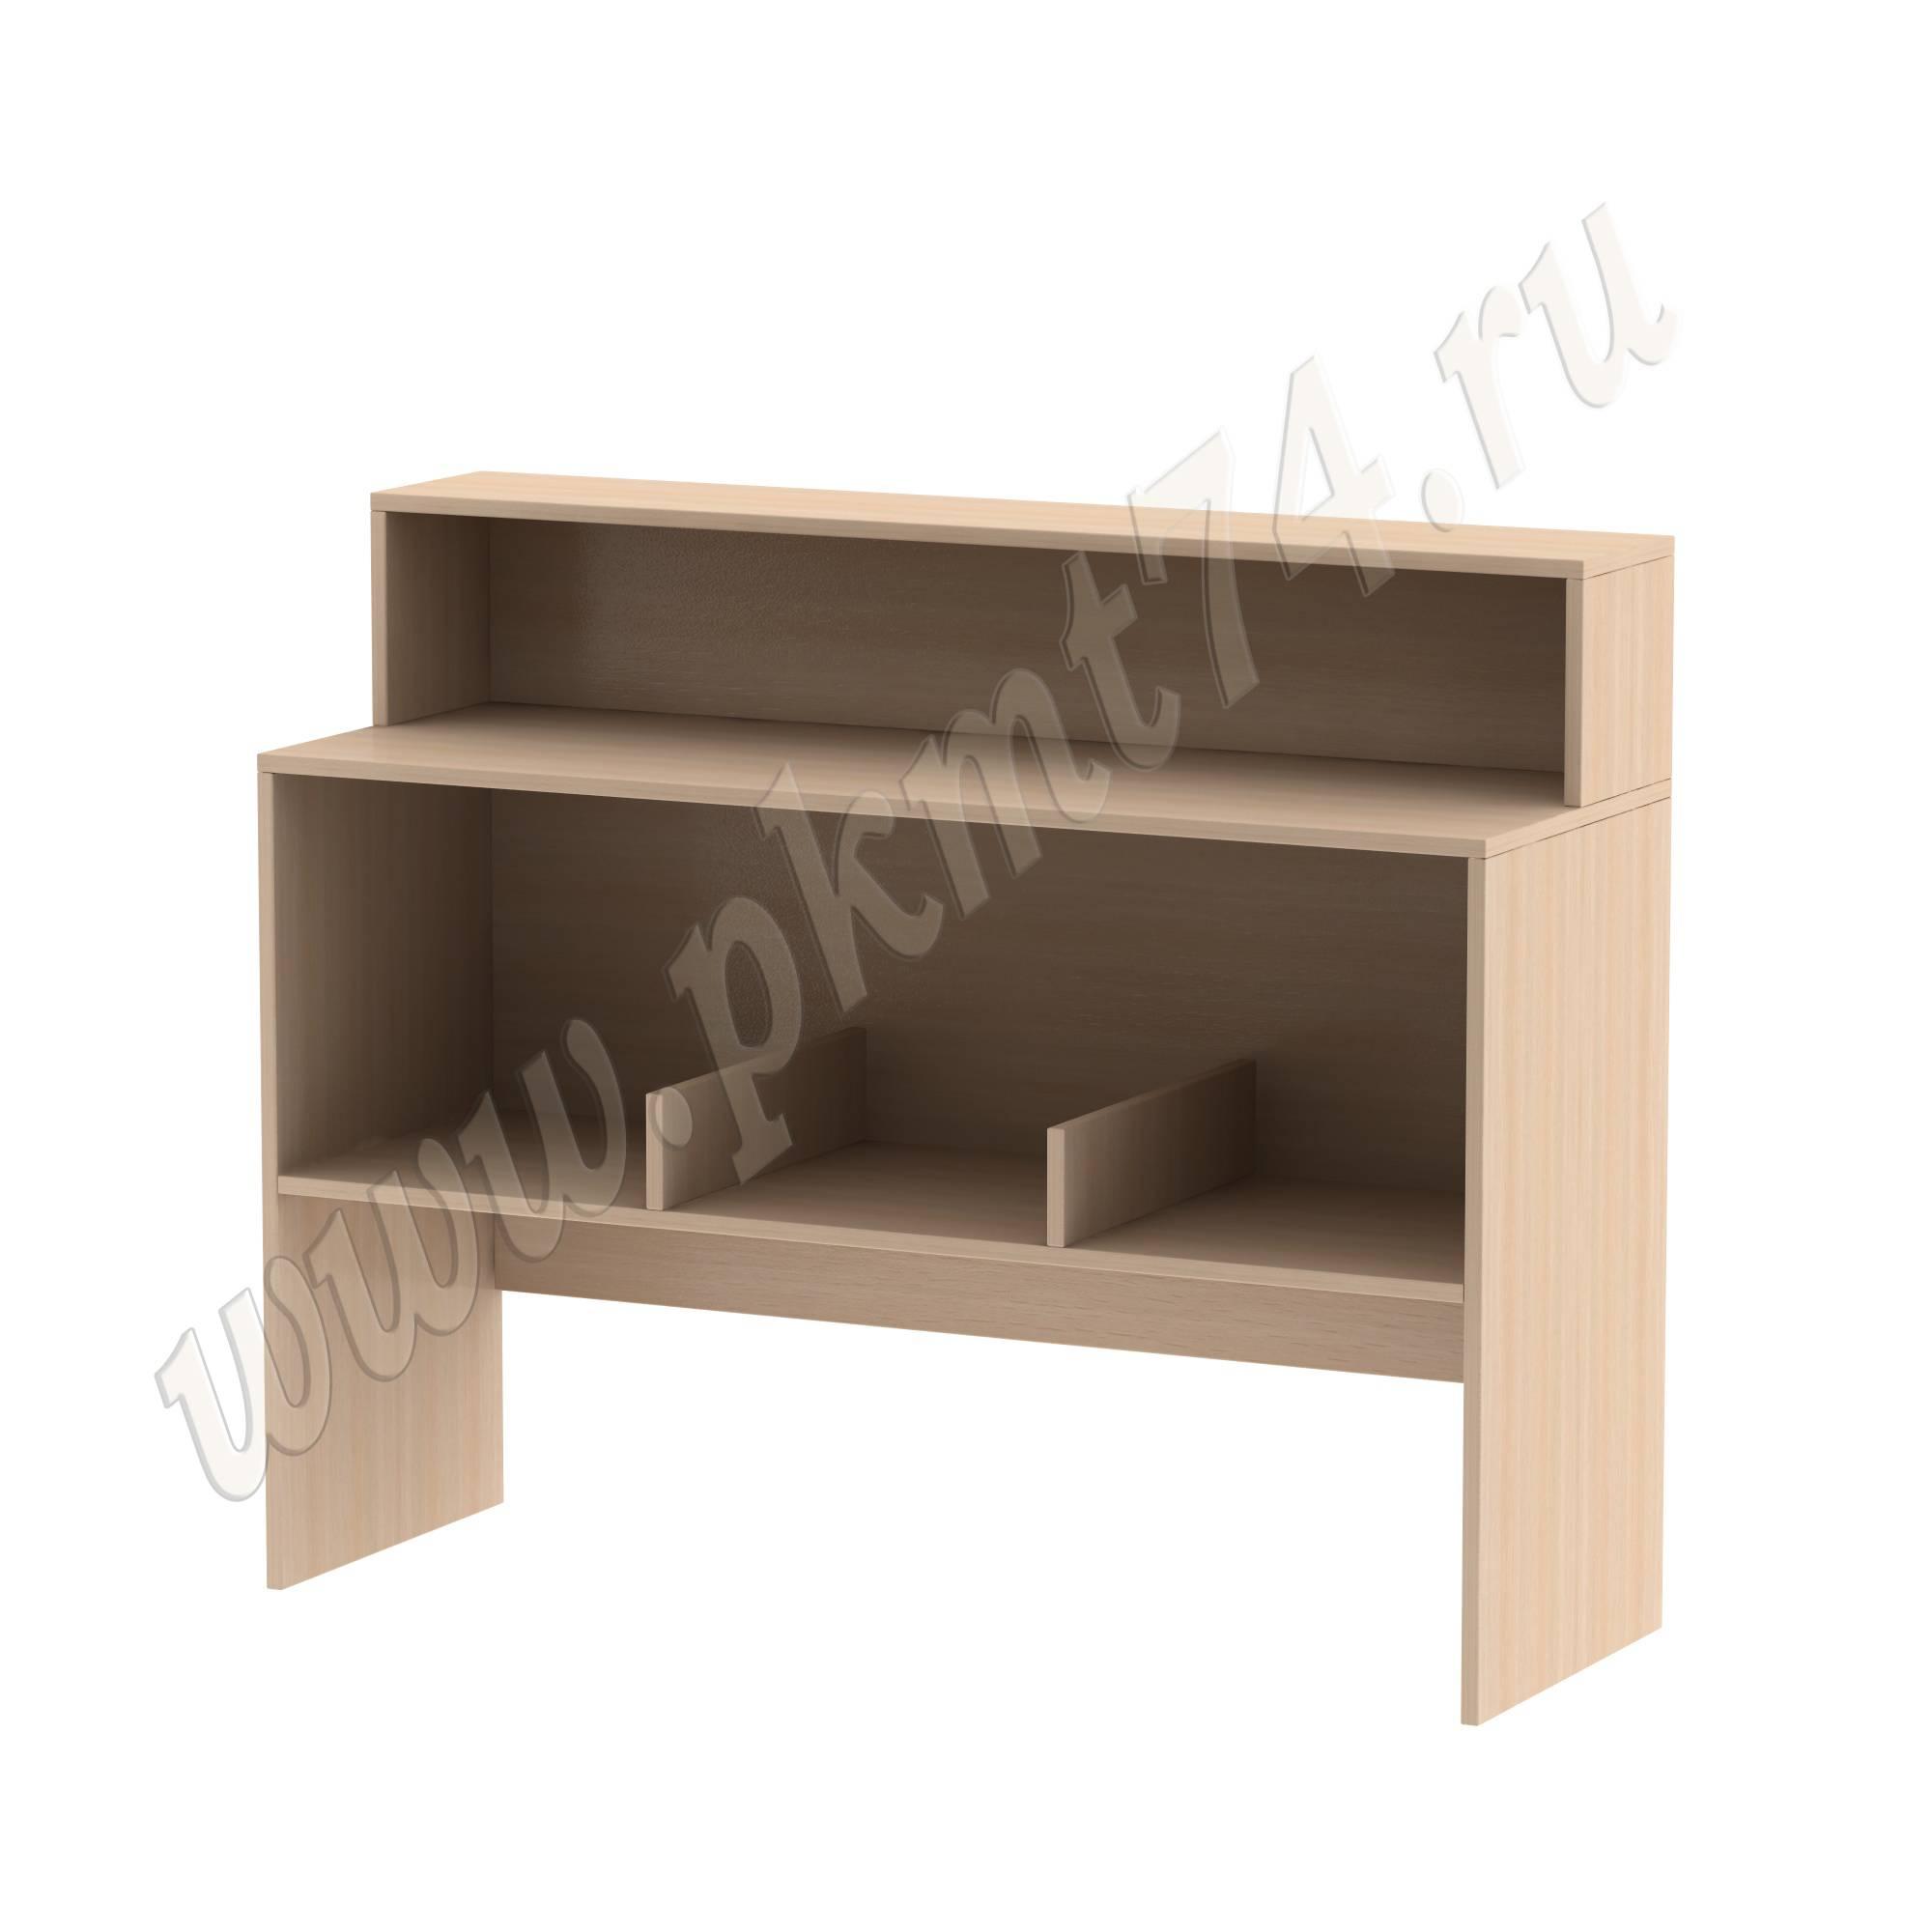 Стол барьер для выдачи книг [Цвет ЛДСП:: дуб Молочный]